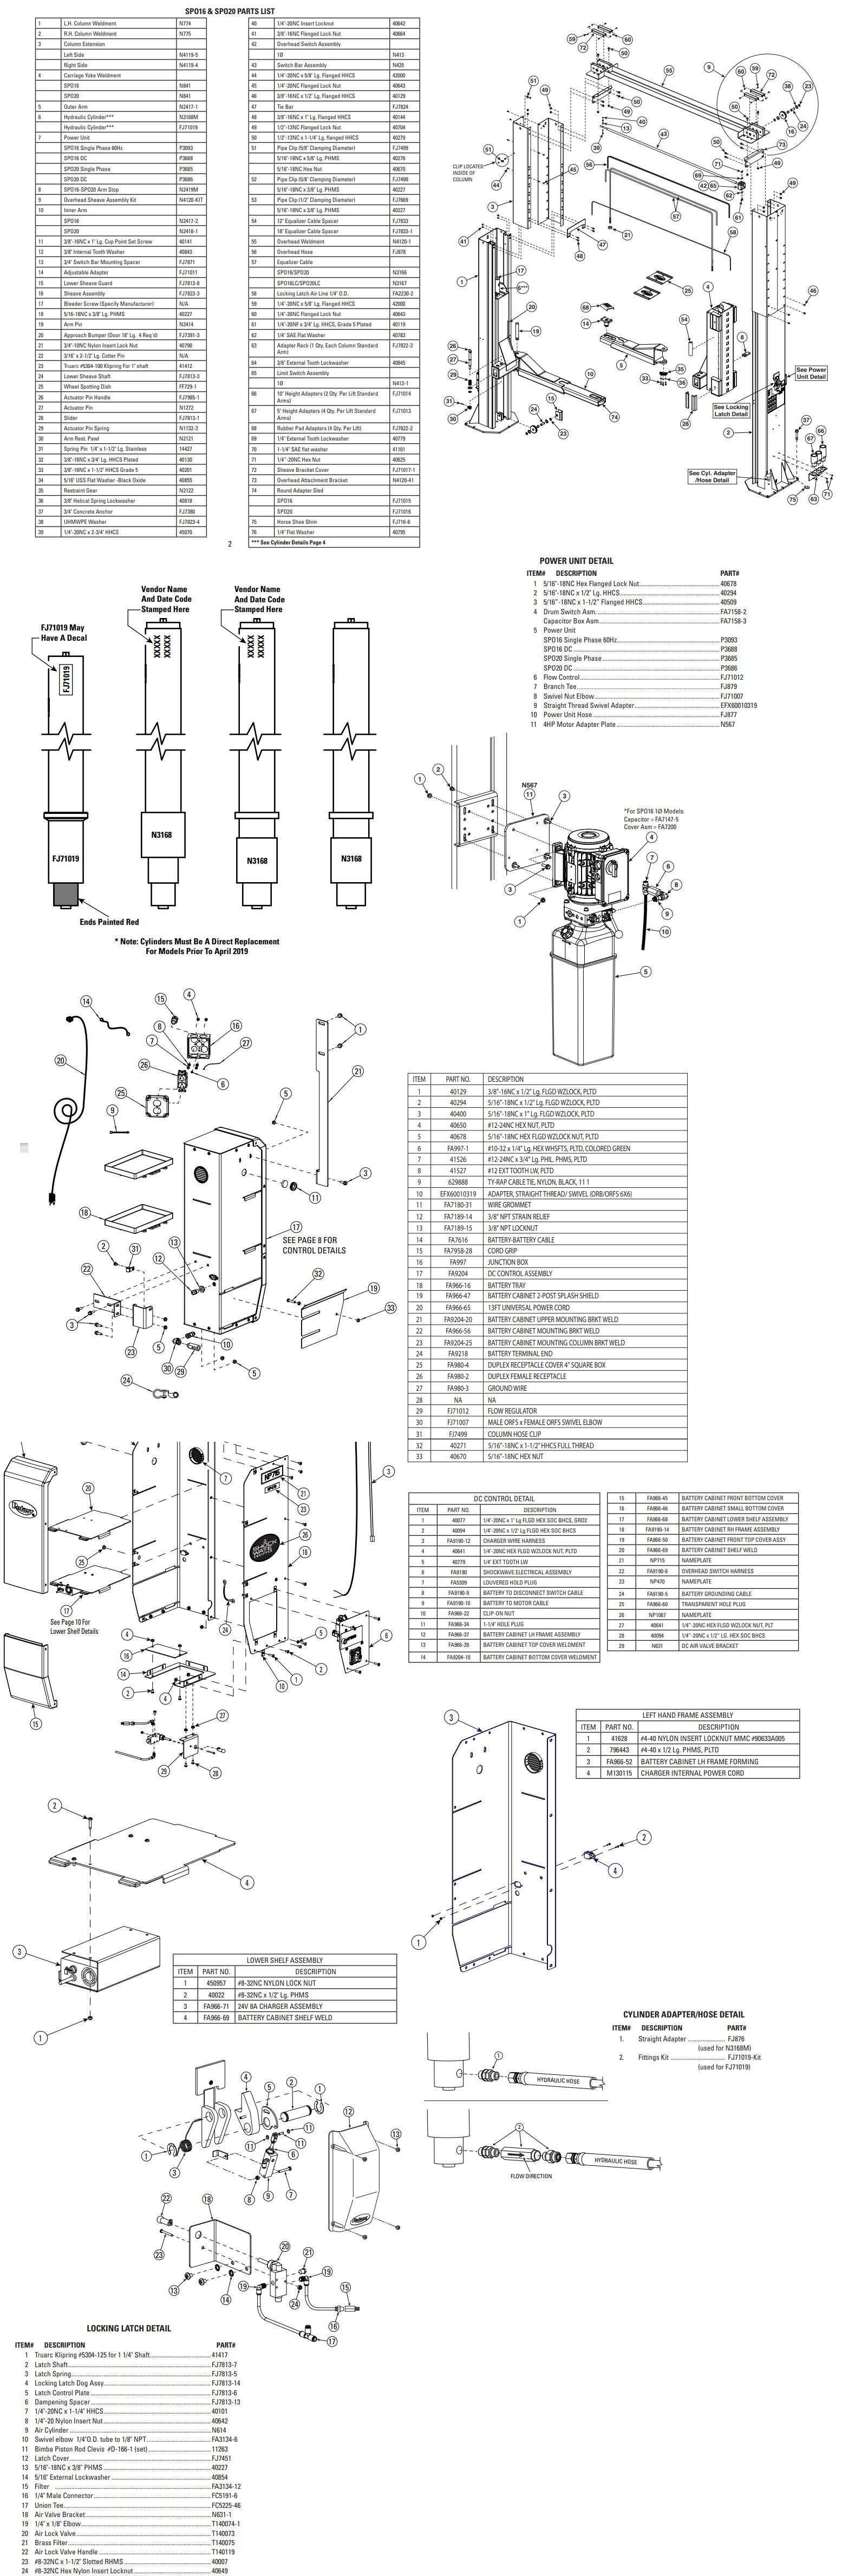 Rotary 2-post SPO20 Parts Manual